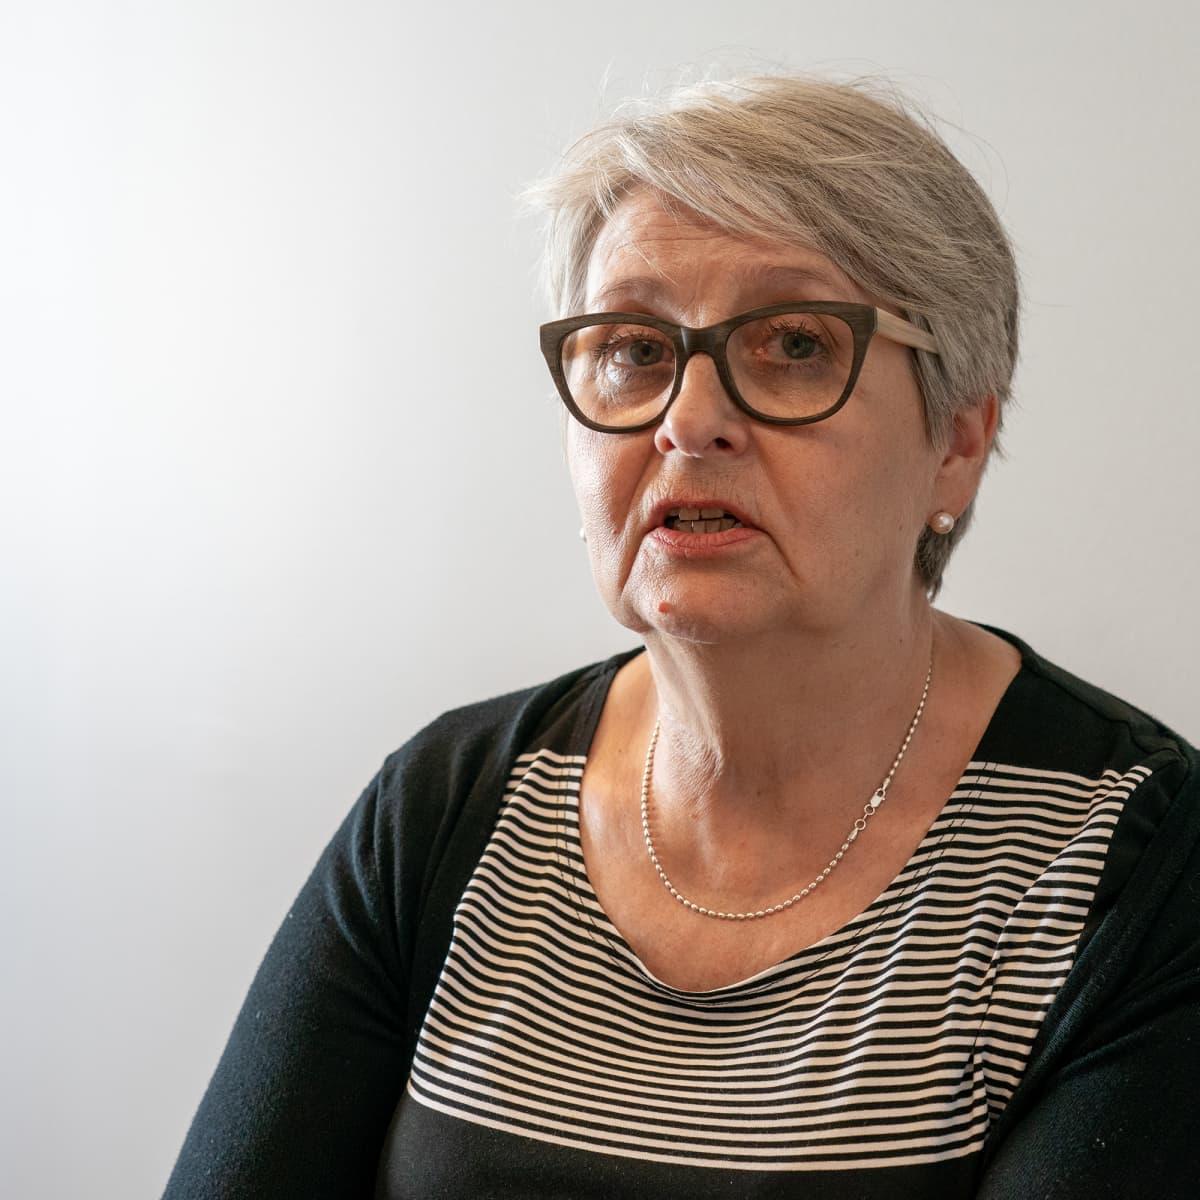 Kriisikeskustoimintojen johtaja Outi Ruishalme.